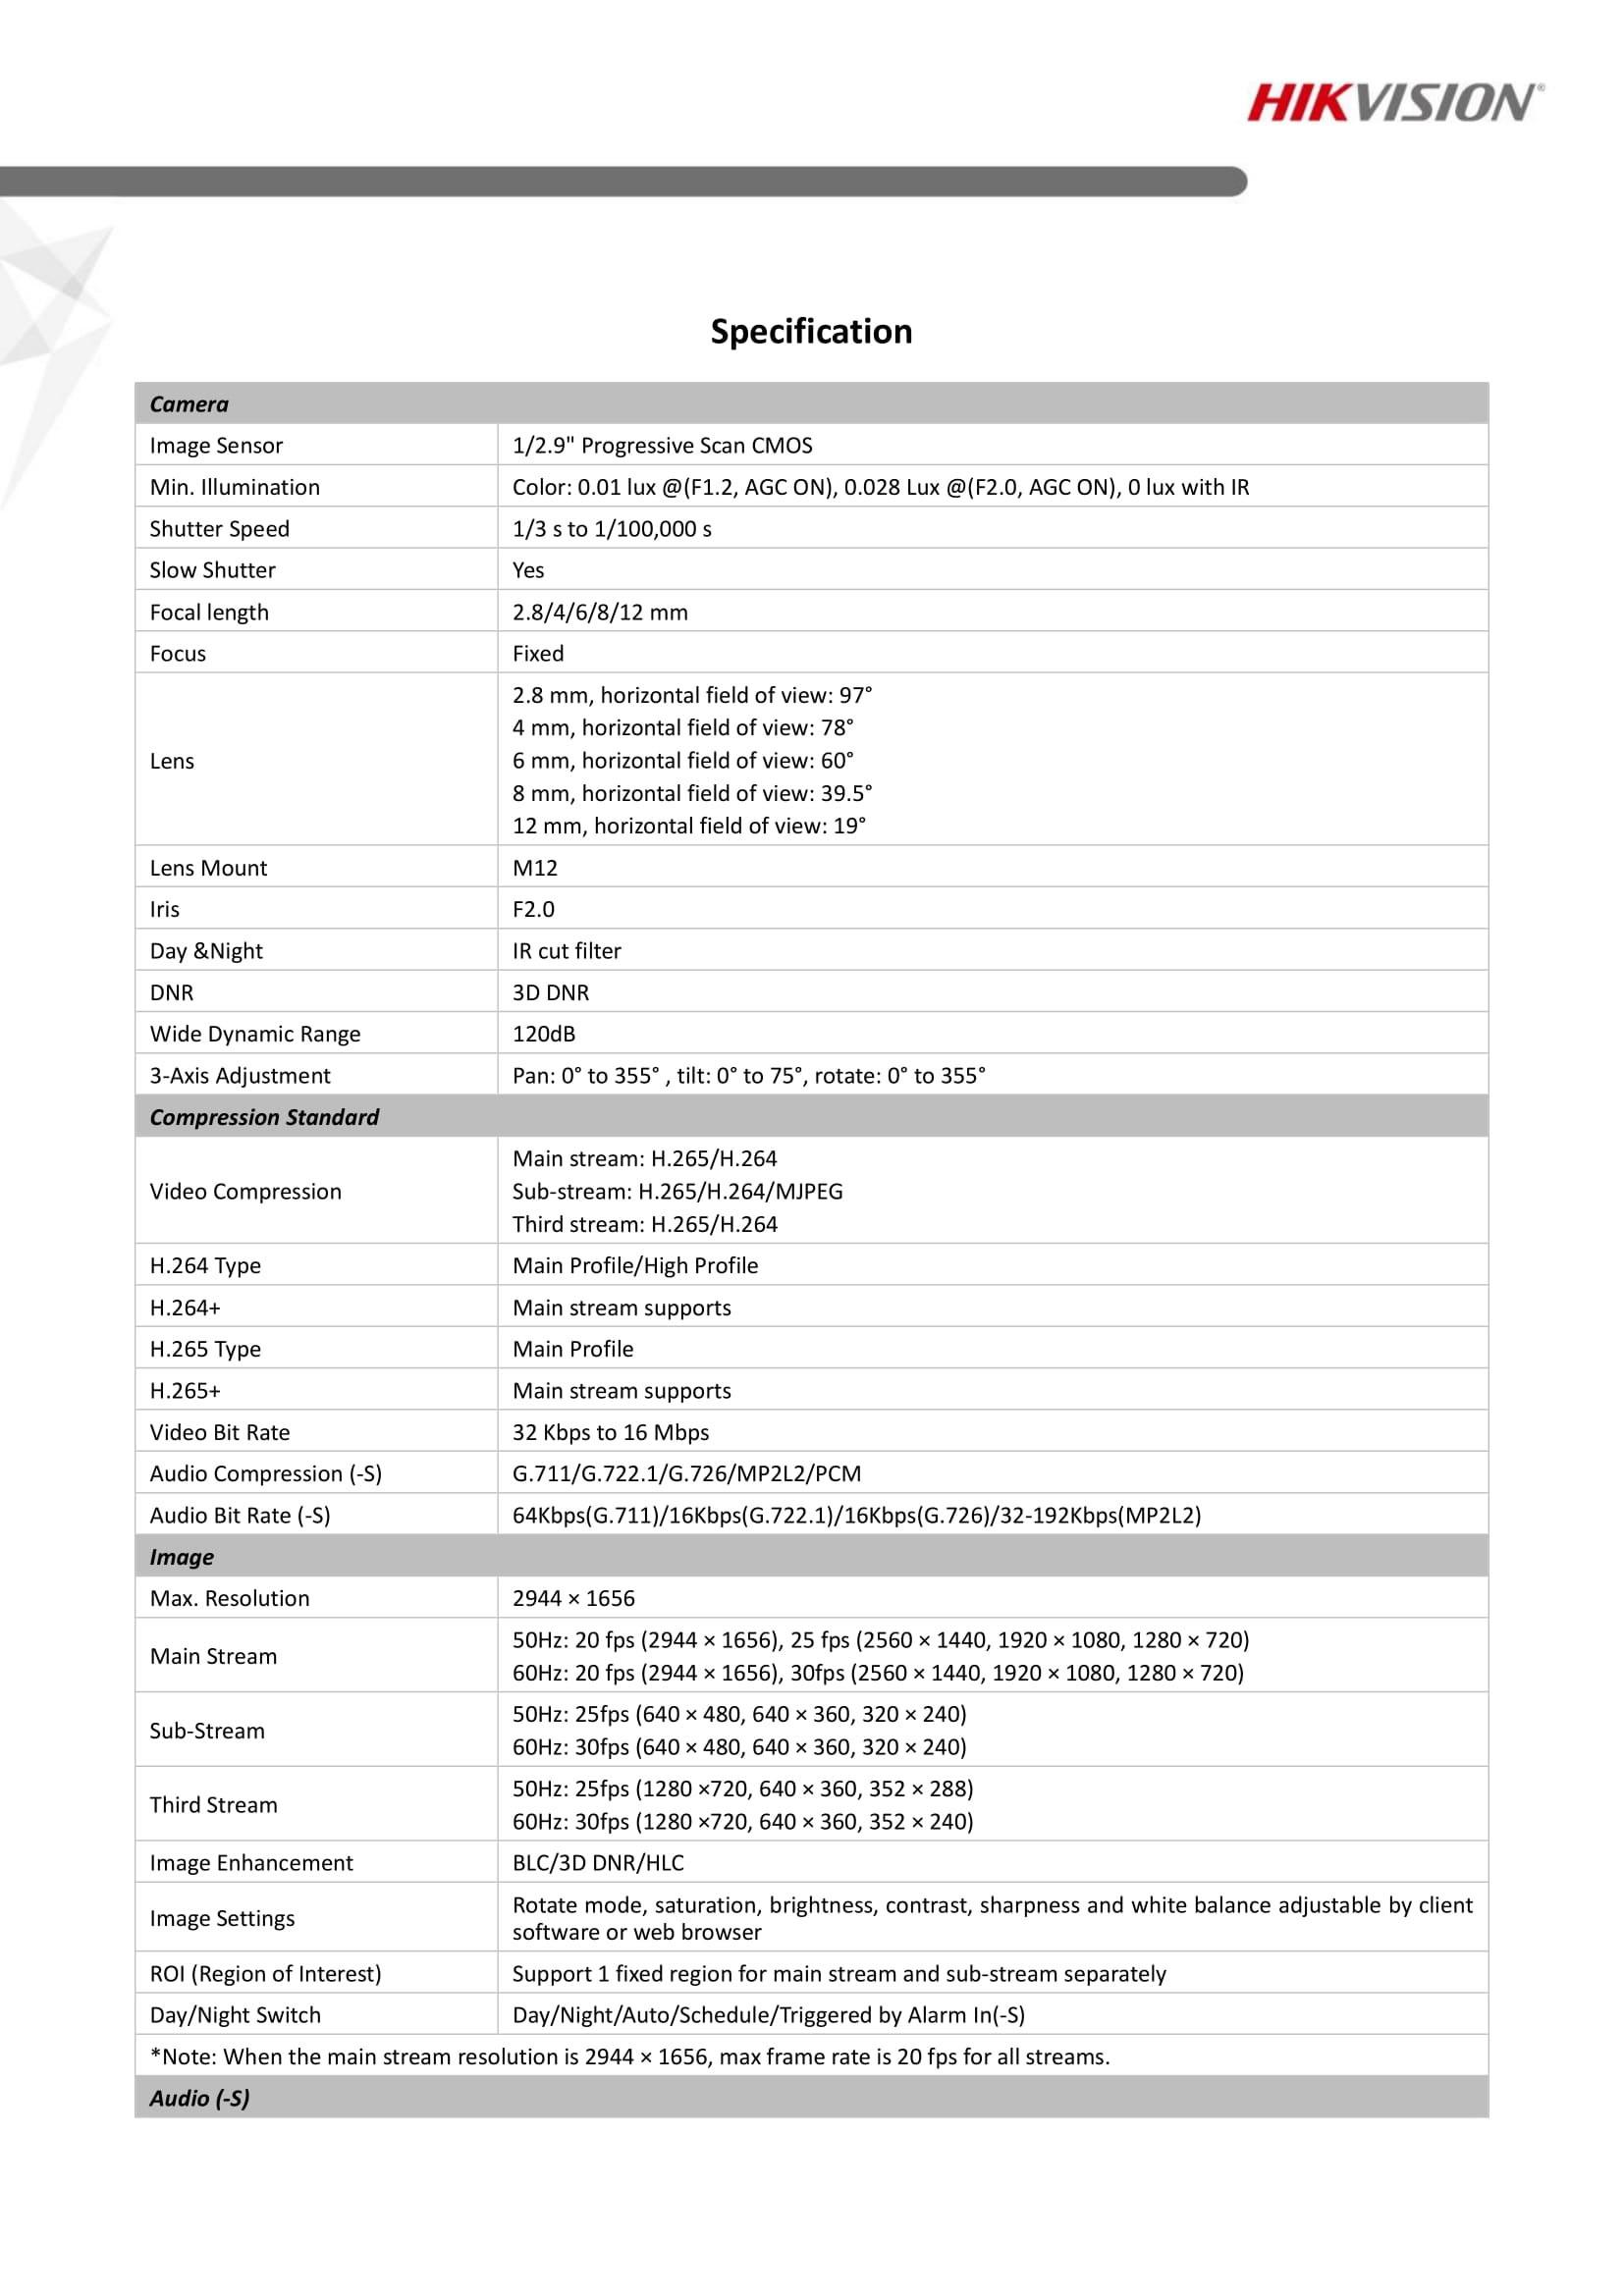 ds-2cd2155fwd-i-s-datasheet-v5-2.jpg